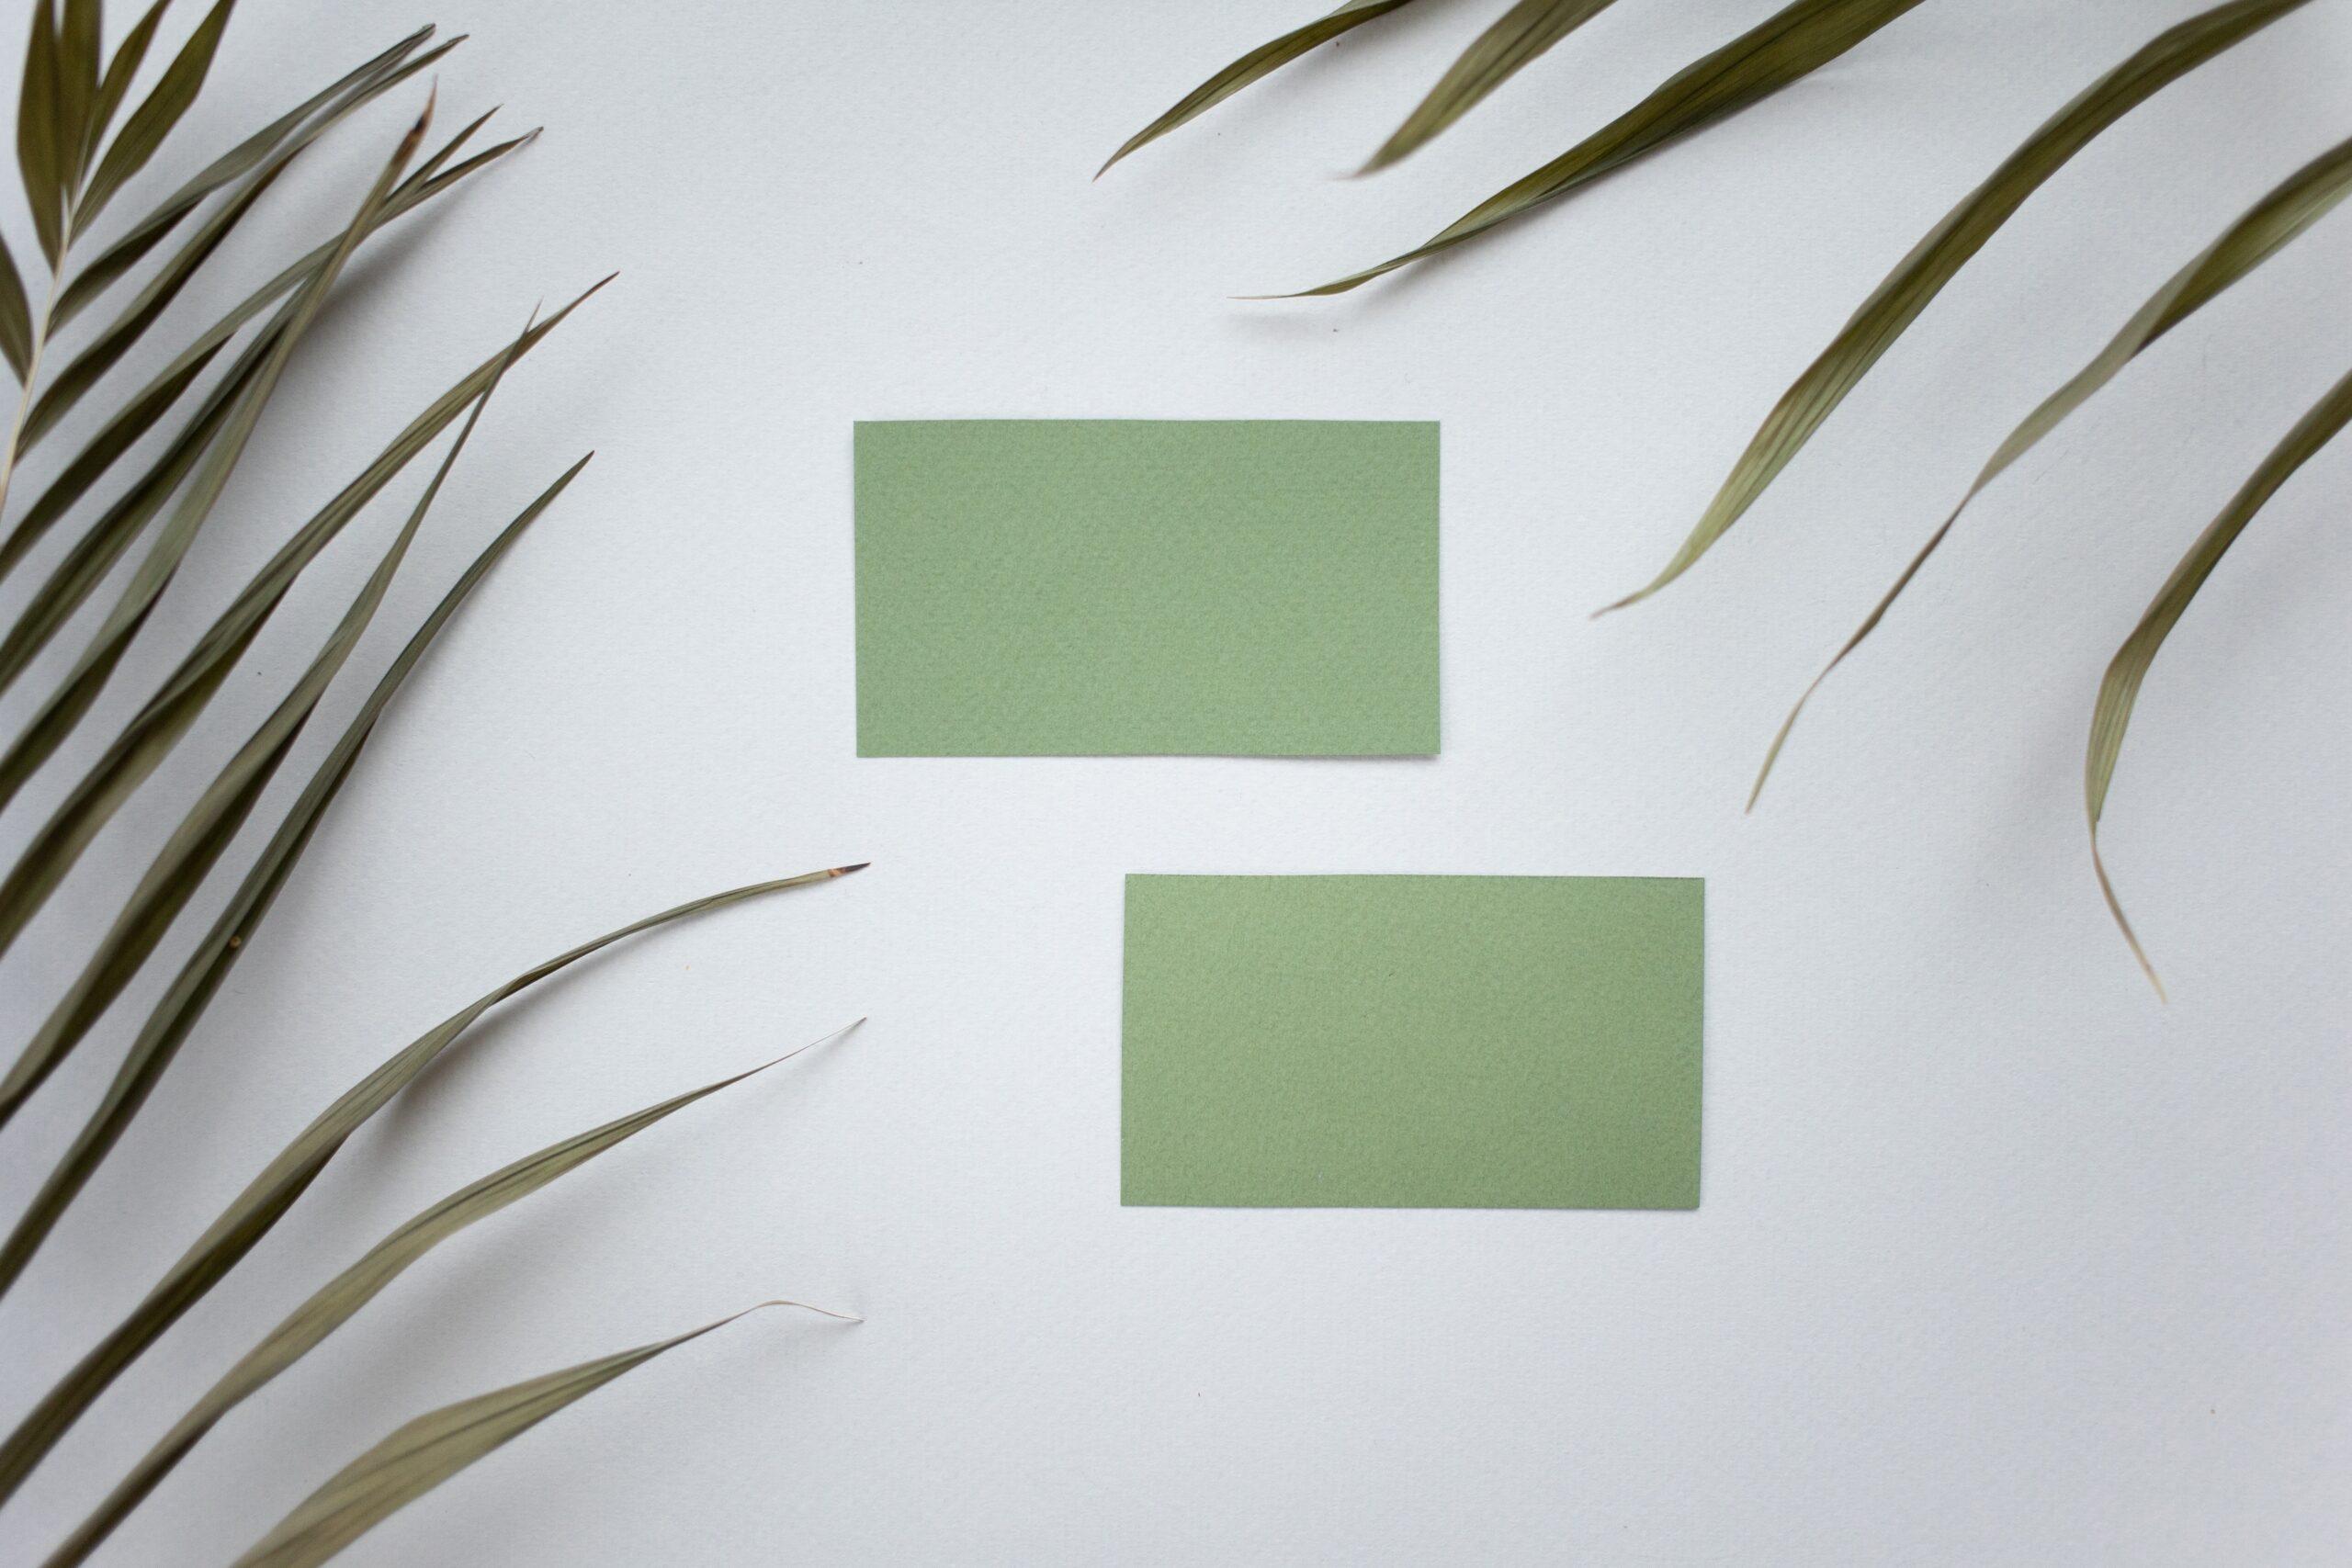 Ruhiges Foto mit Farn und grünen Quadraten vor einer weißen Wand